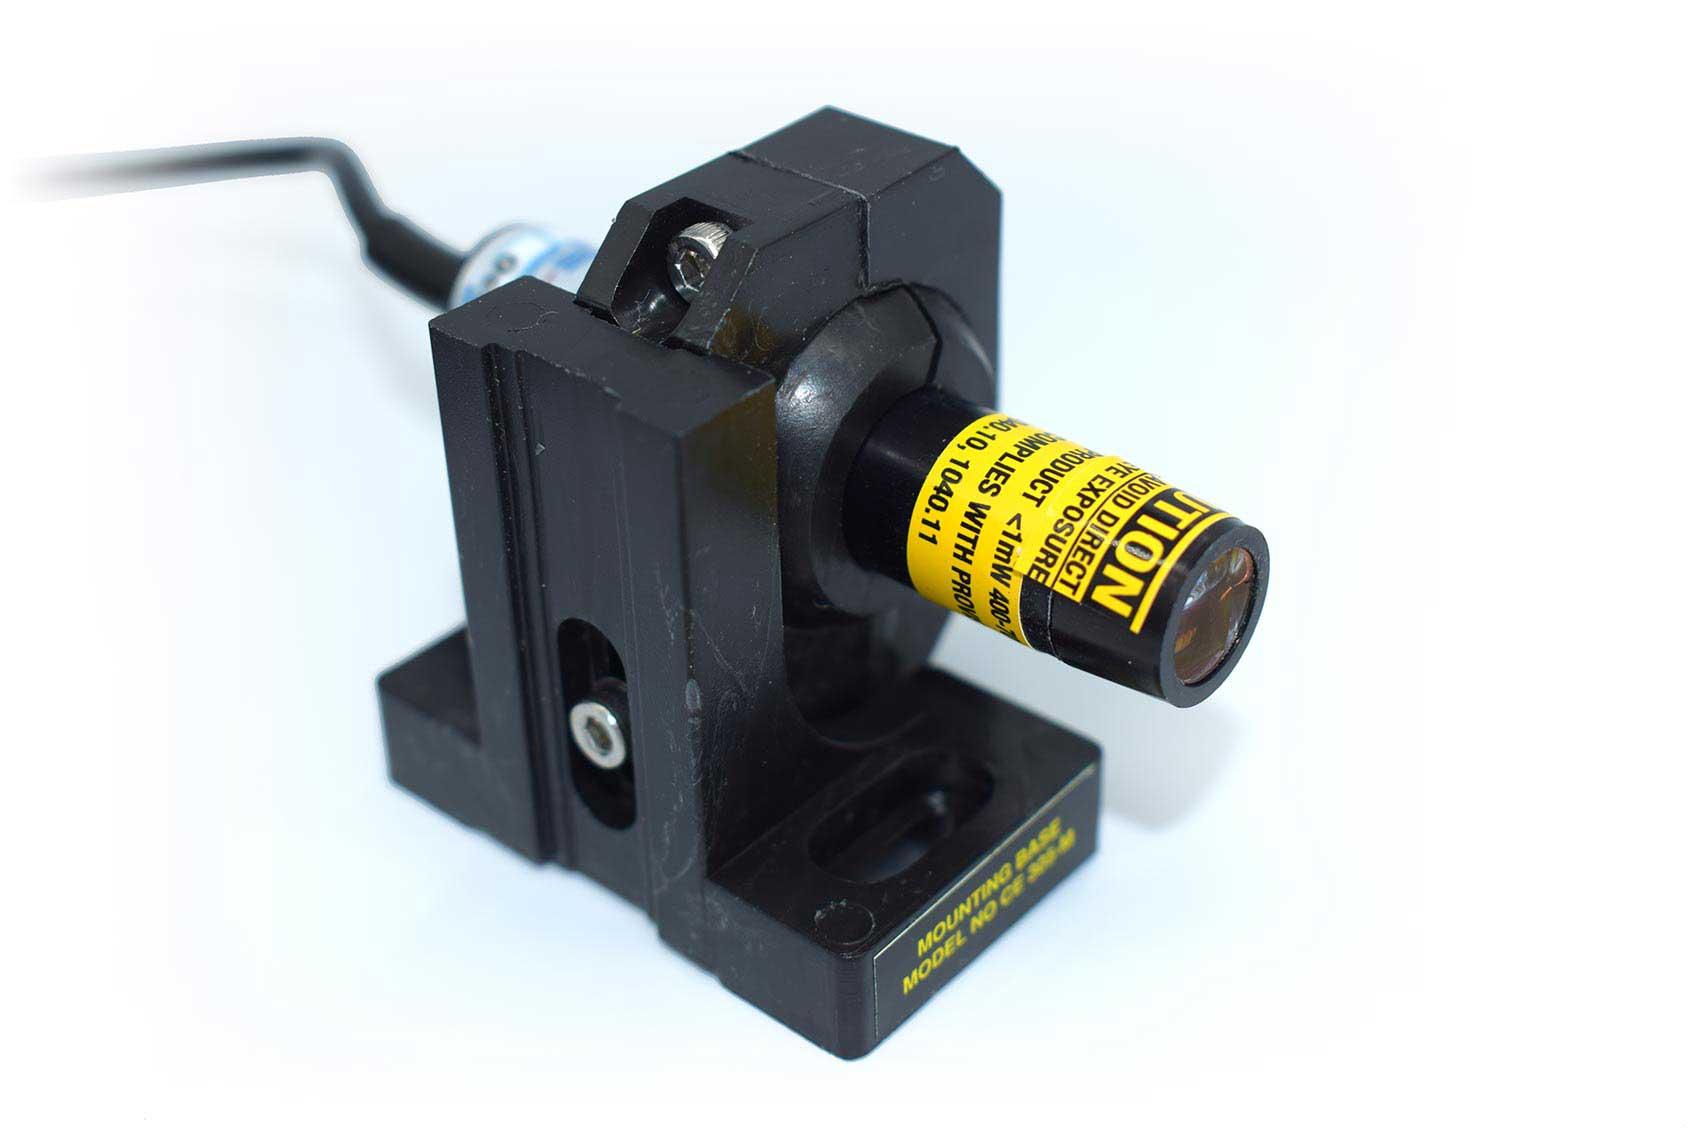 The Pico EC-805 Mini Laser, M Version - Cemar Electro